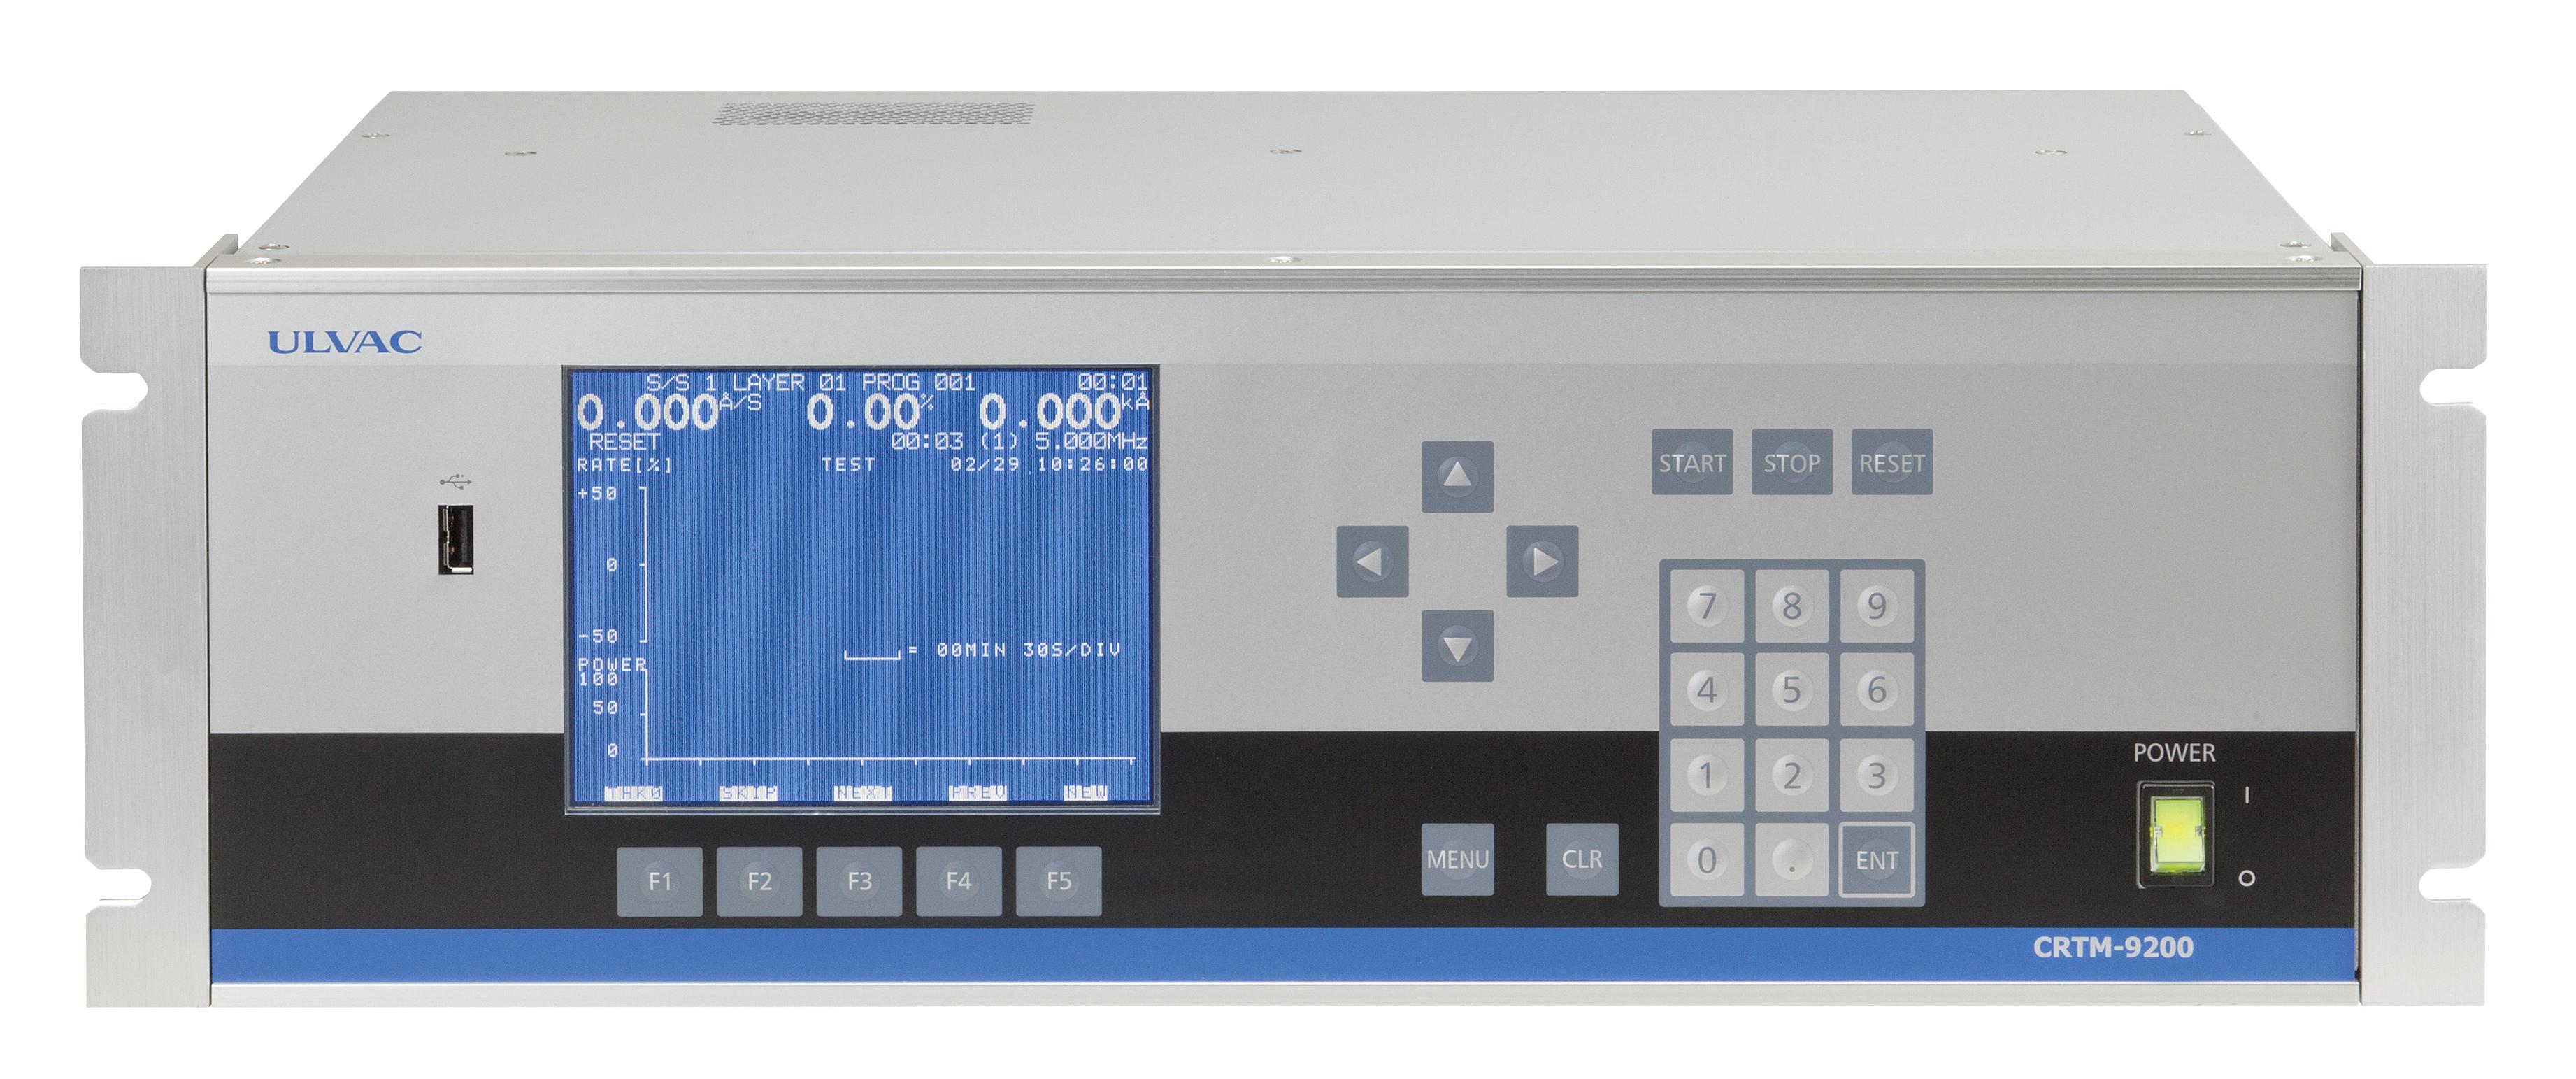 CRTM-9200正面